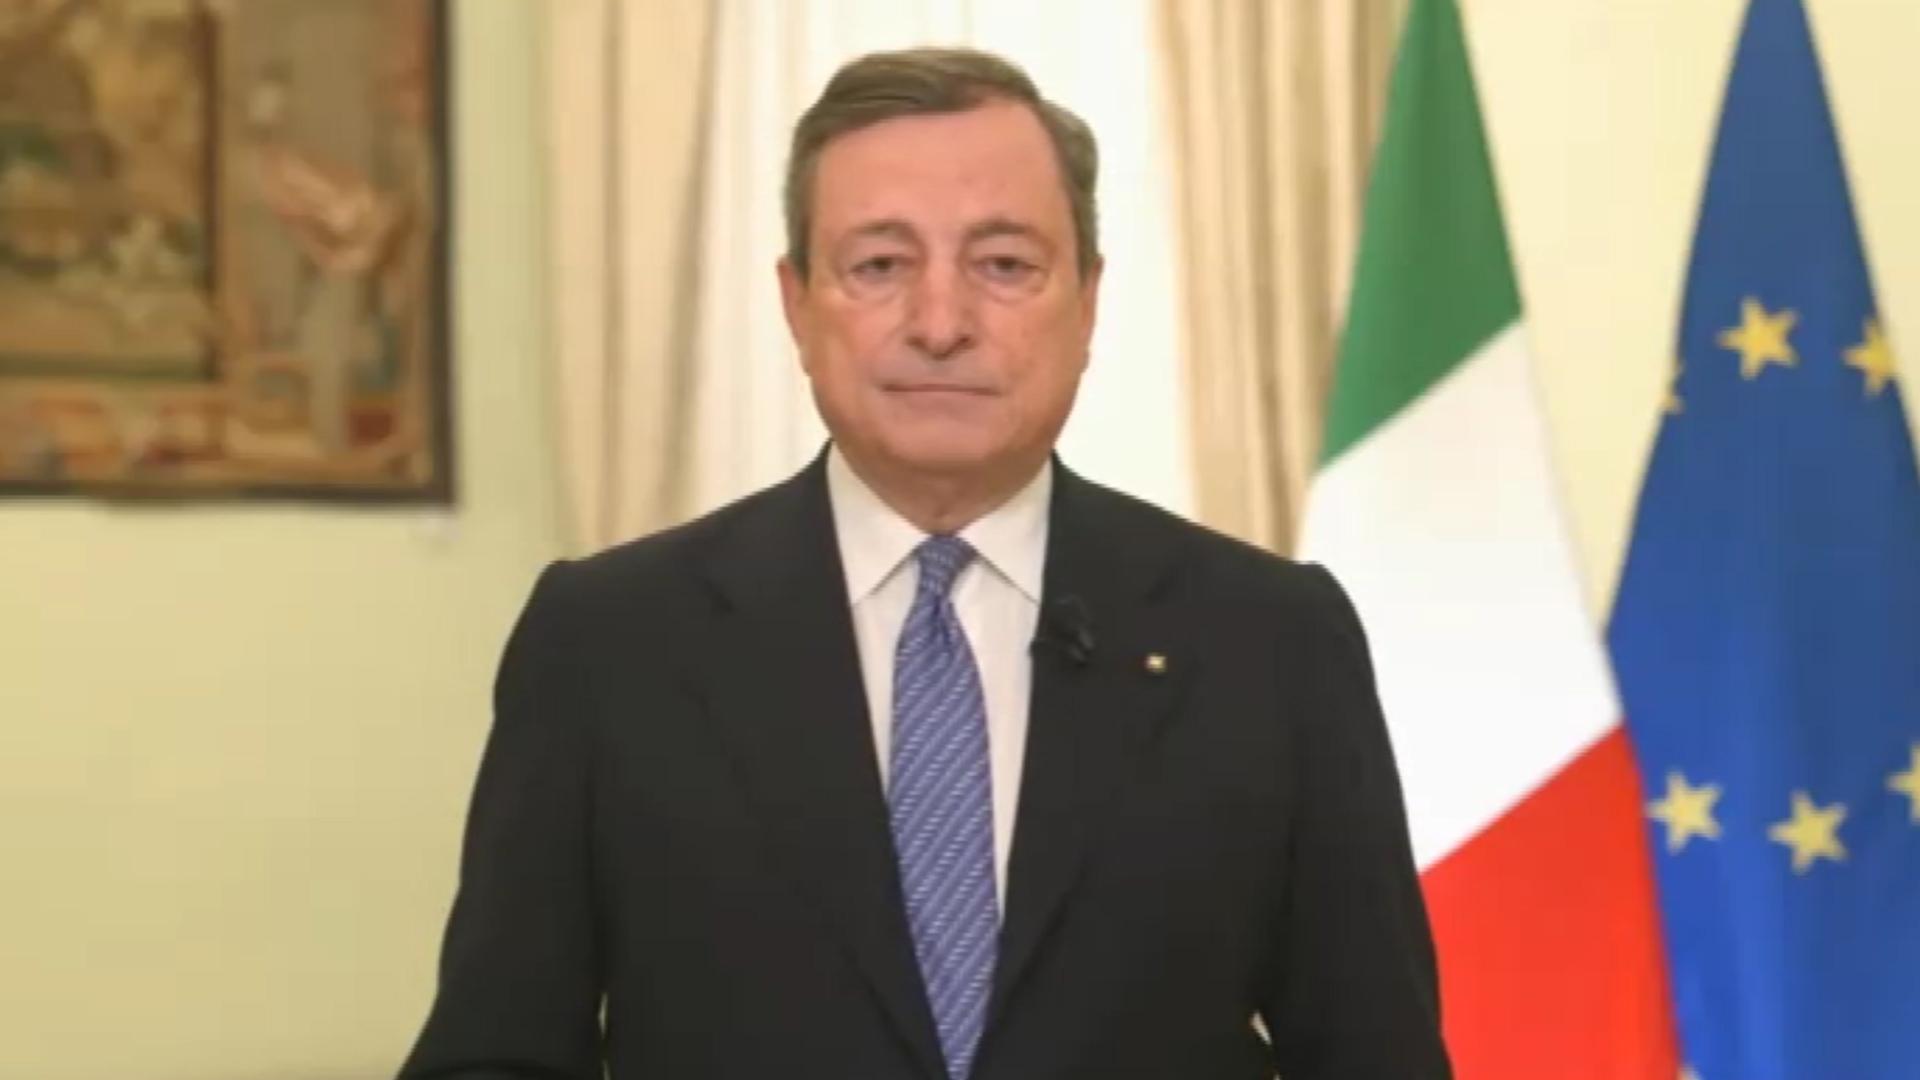 """Draghi: """"La pandemia non è ancora sconfitta, ma si intravede una via d'uscita non lontana"""""""